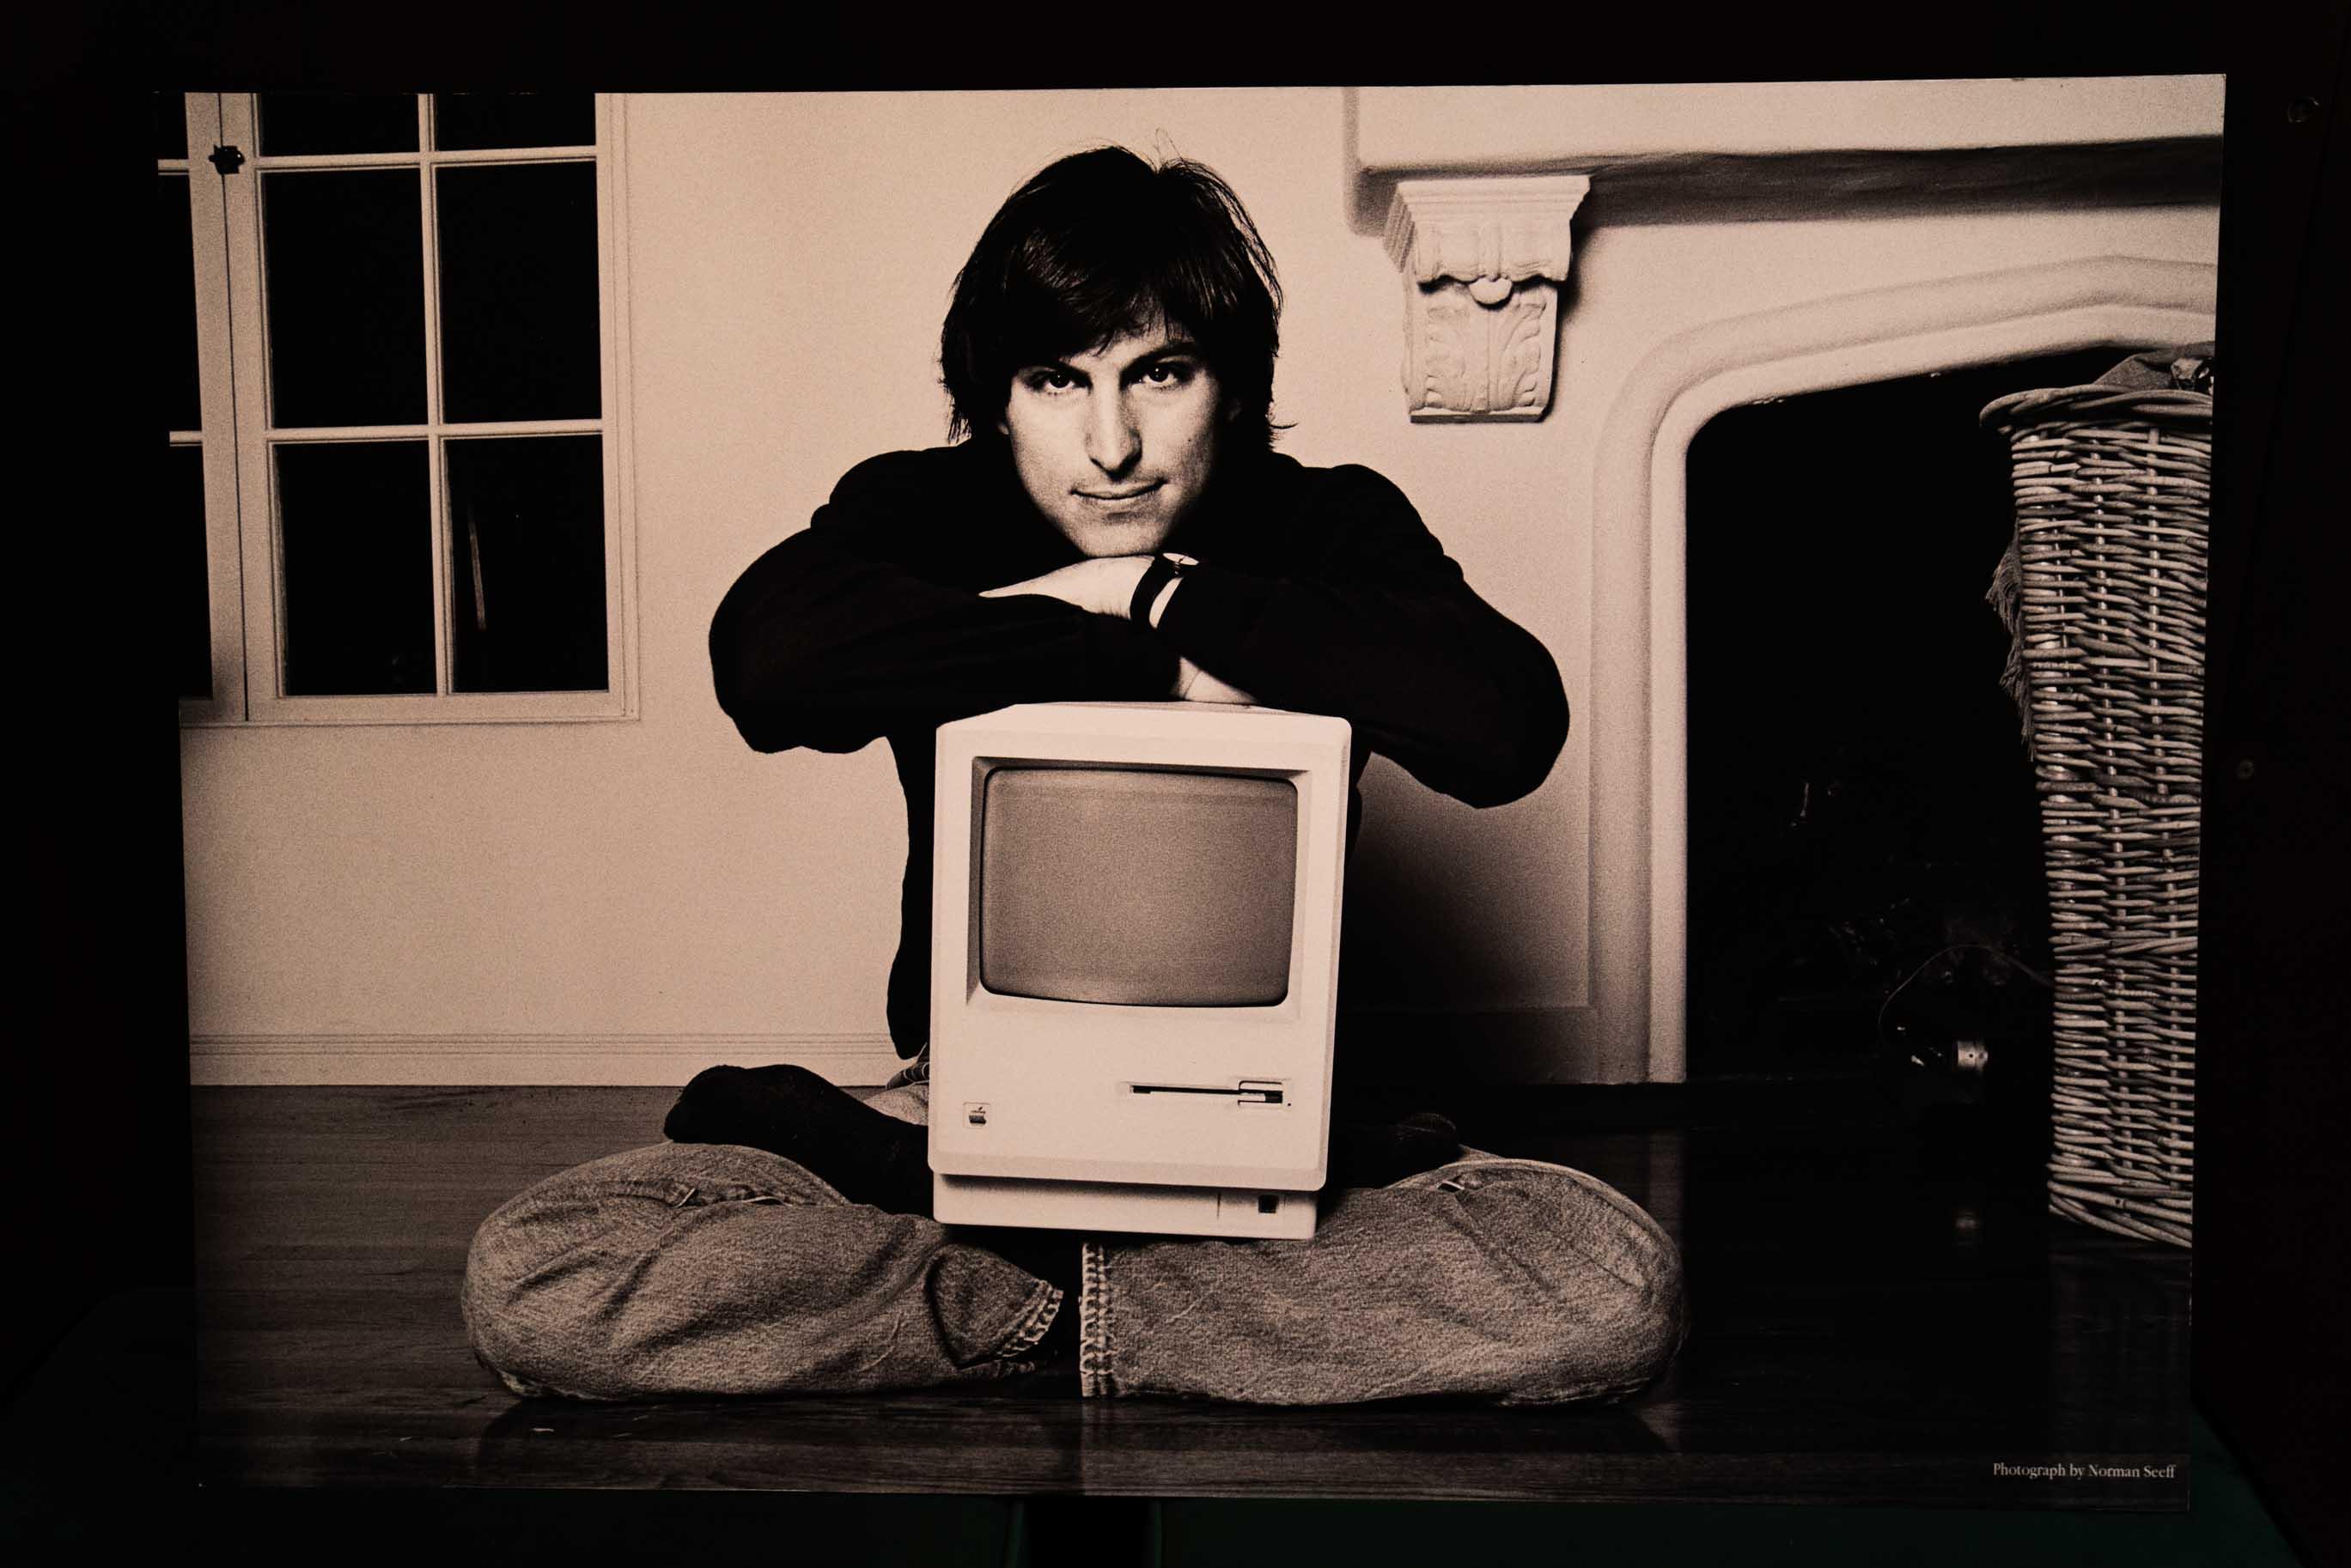 La prima mostra del Mec è dedicata a Steve Jobs, fondatore di Apple